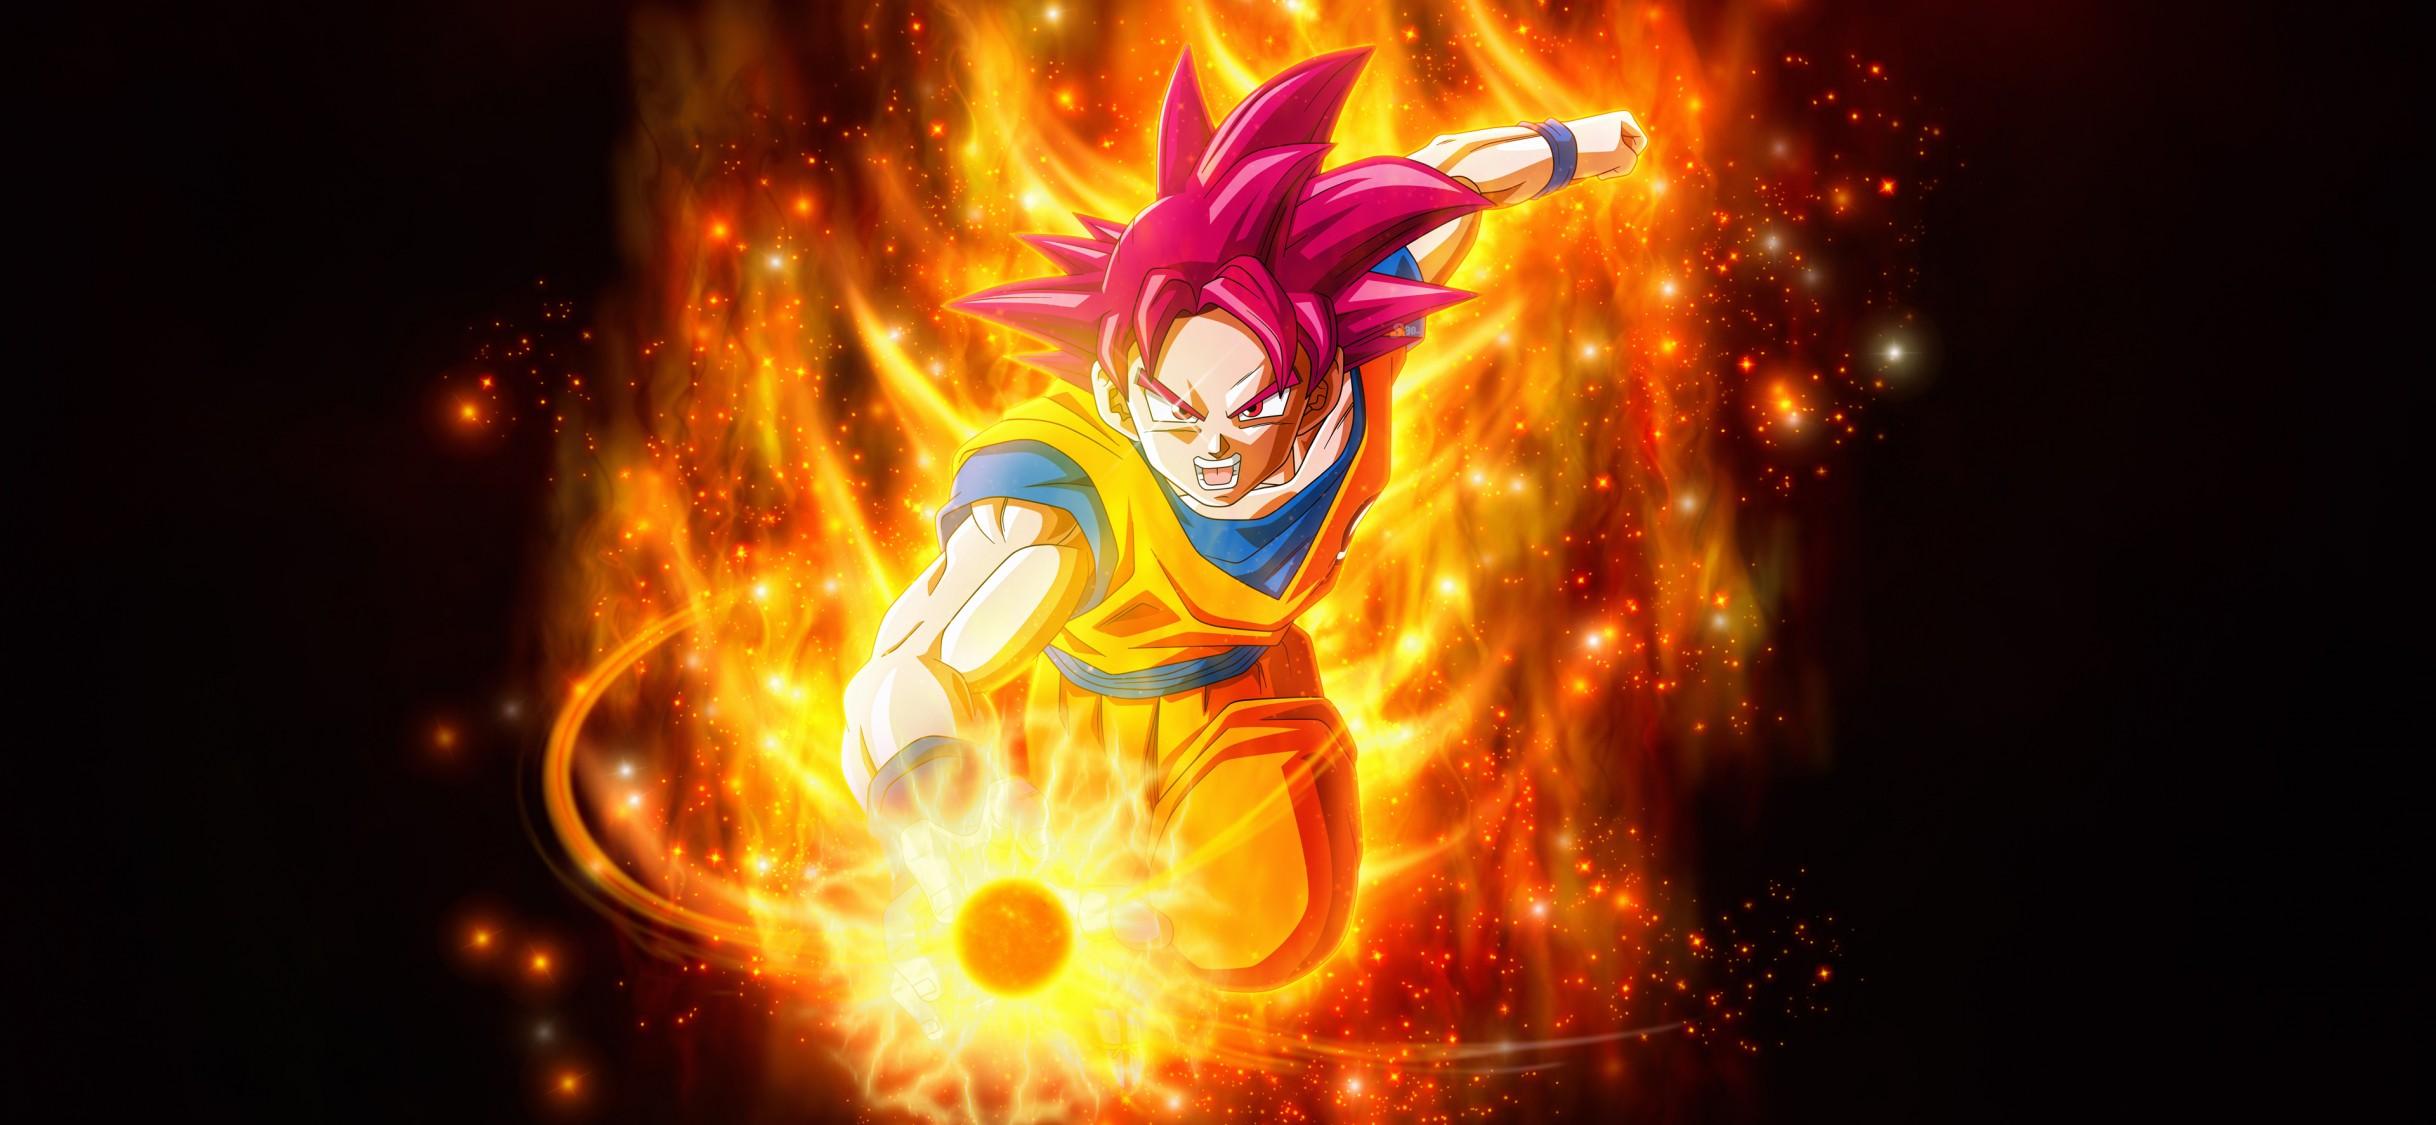 Super Saiyan Goku Dragon Ball Super Super 4k Iphone X Hd Wallpaper Wallpapers Net